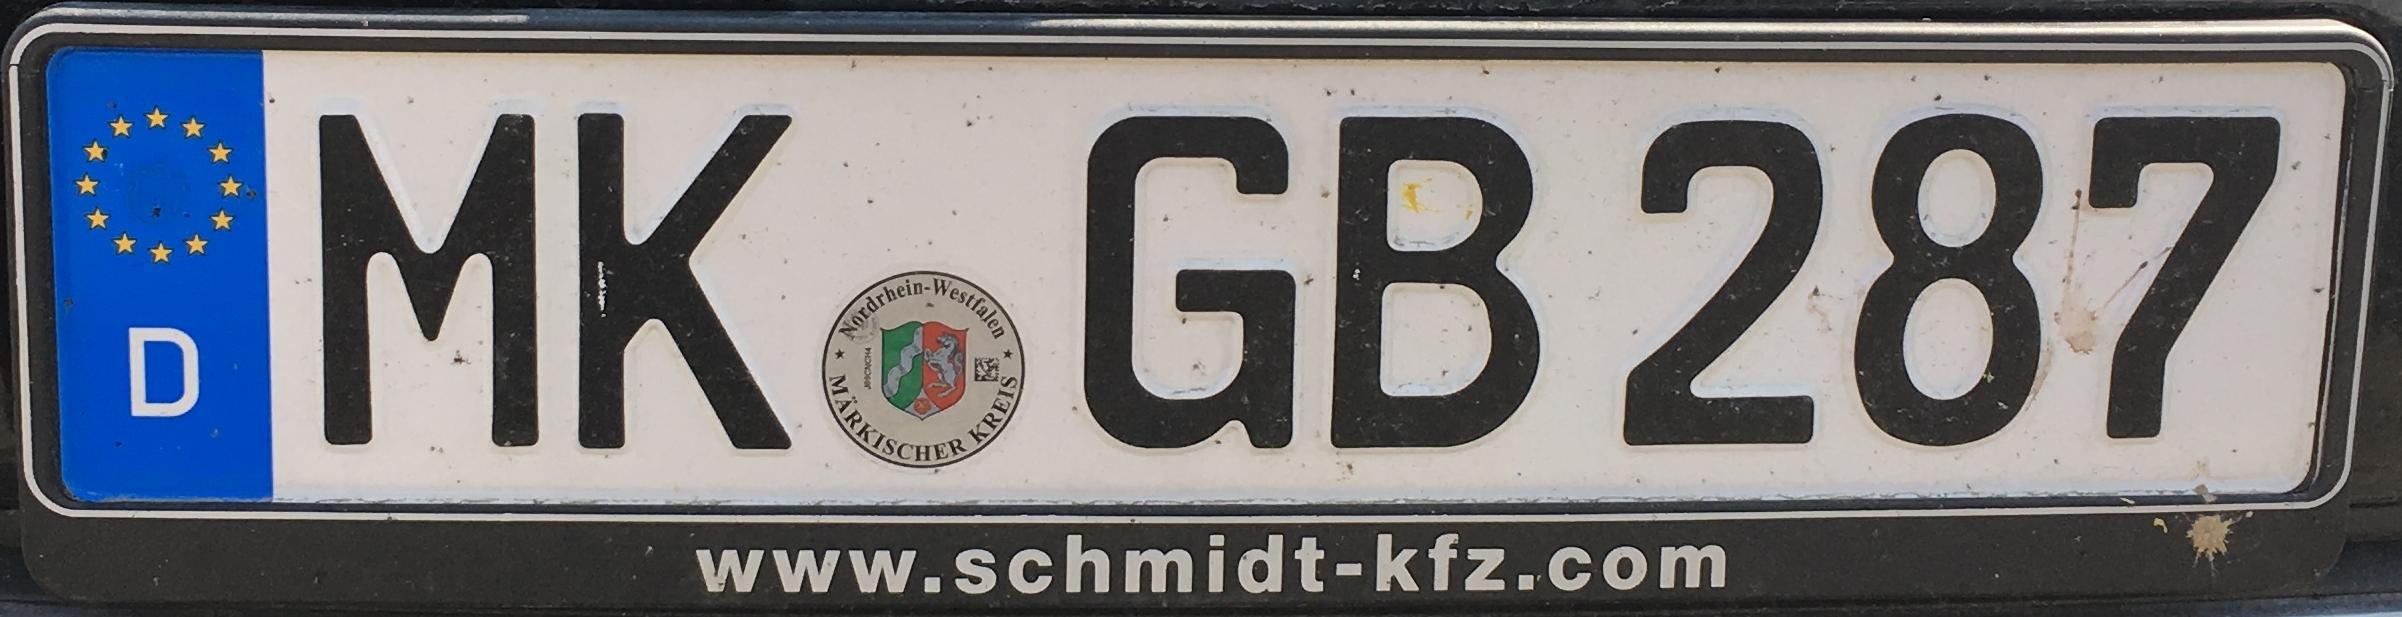 Registrační značka Německo - MK - Märkischer Kreis, foto: www.podalnici.cz